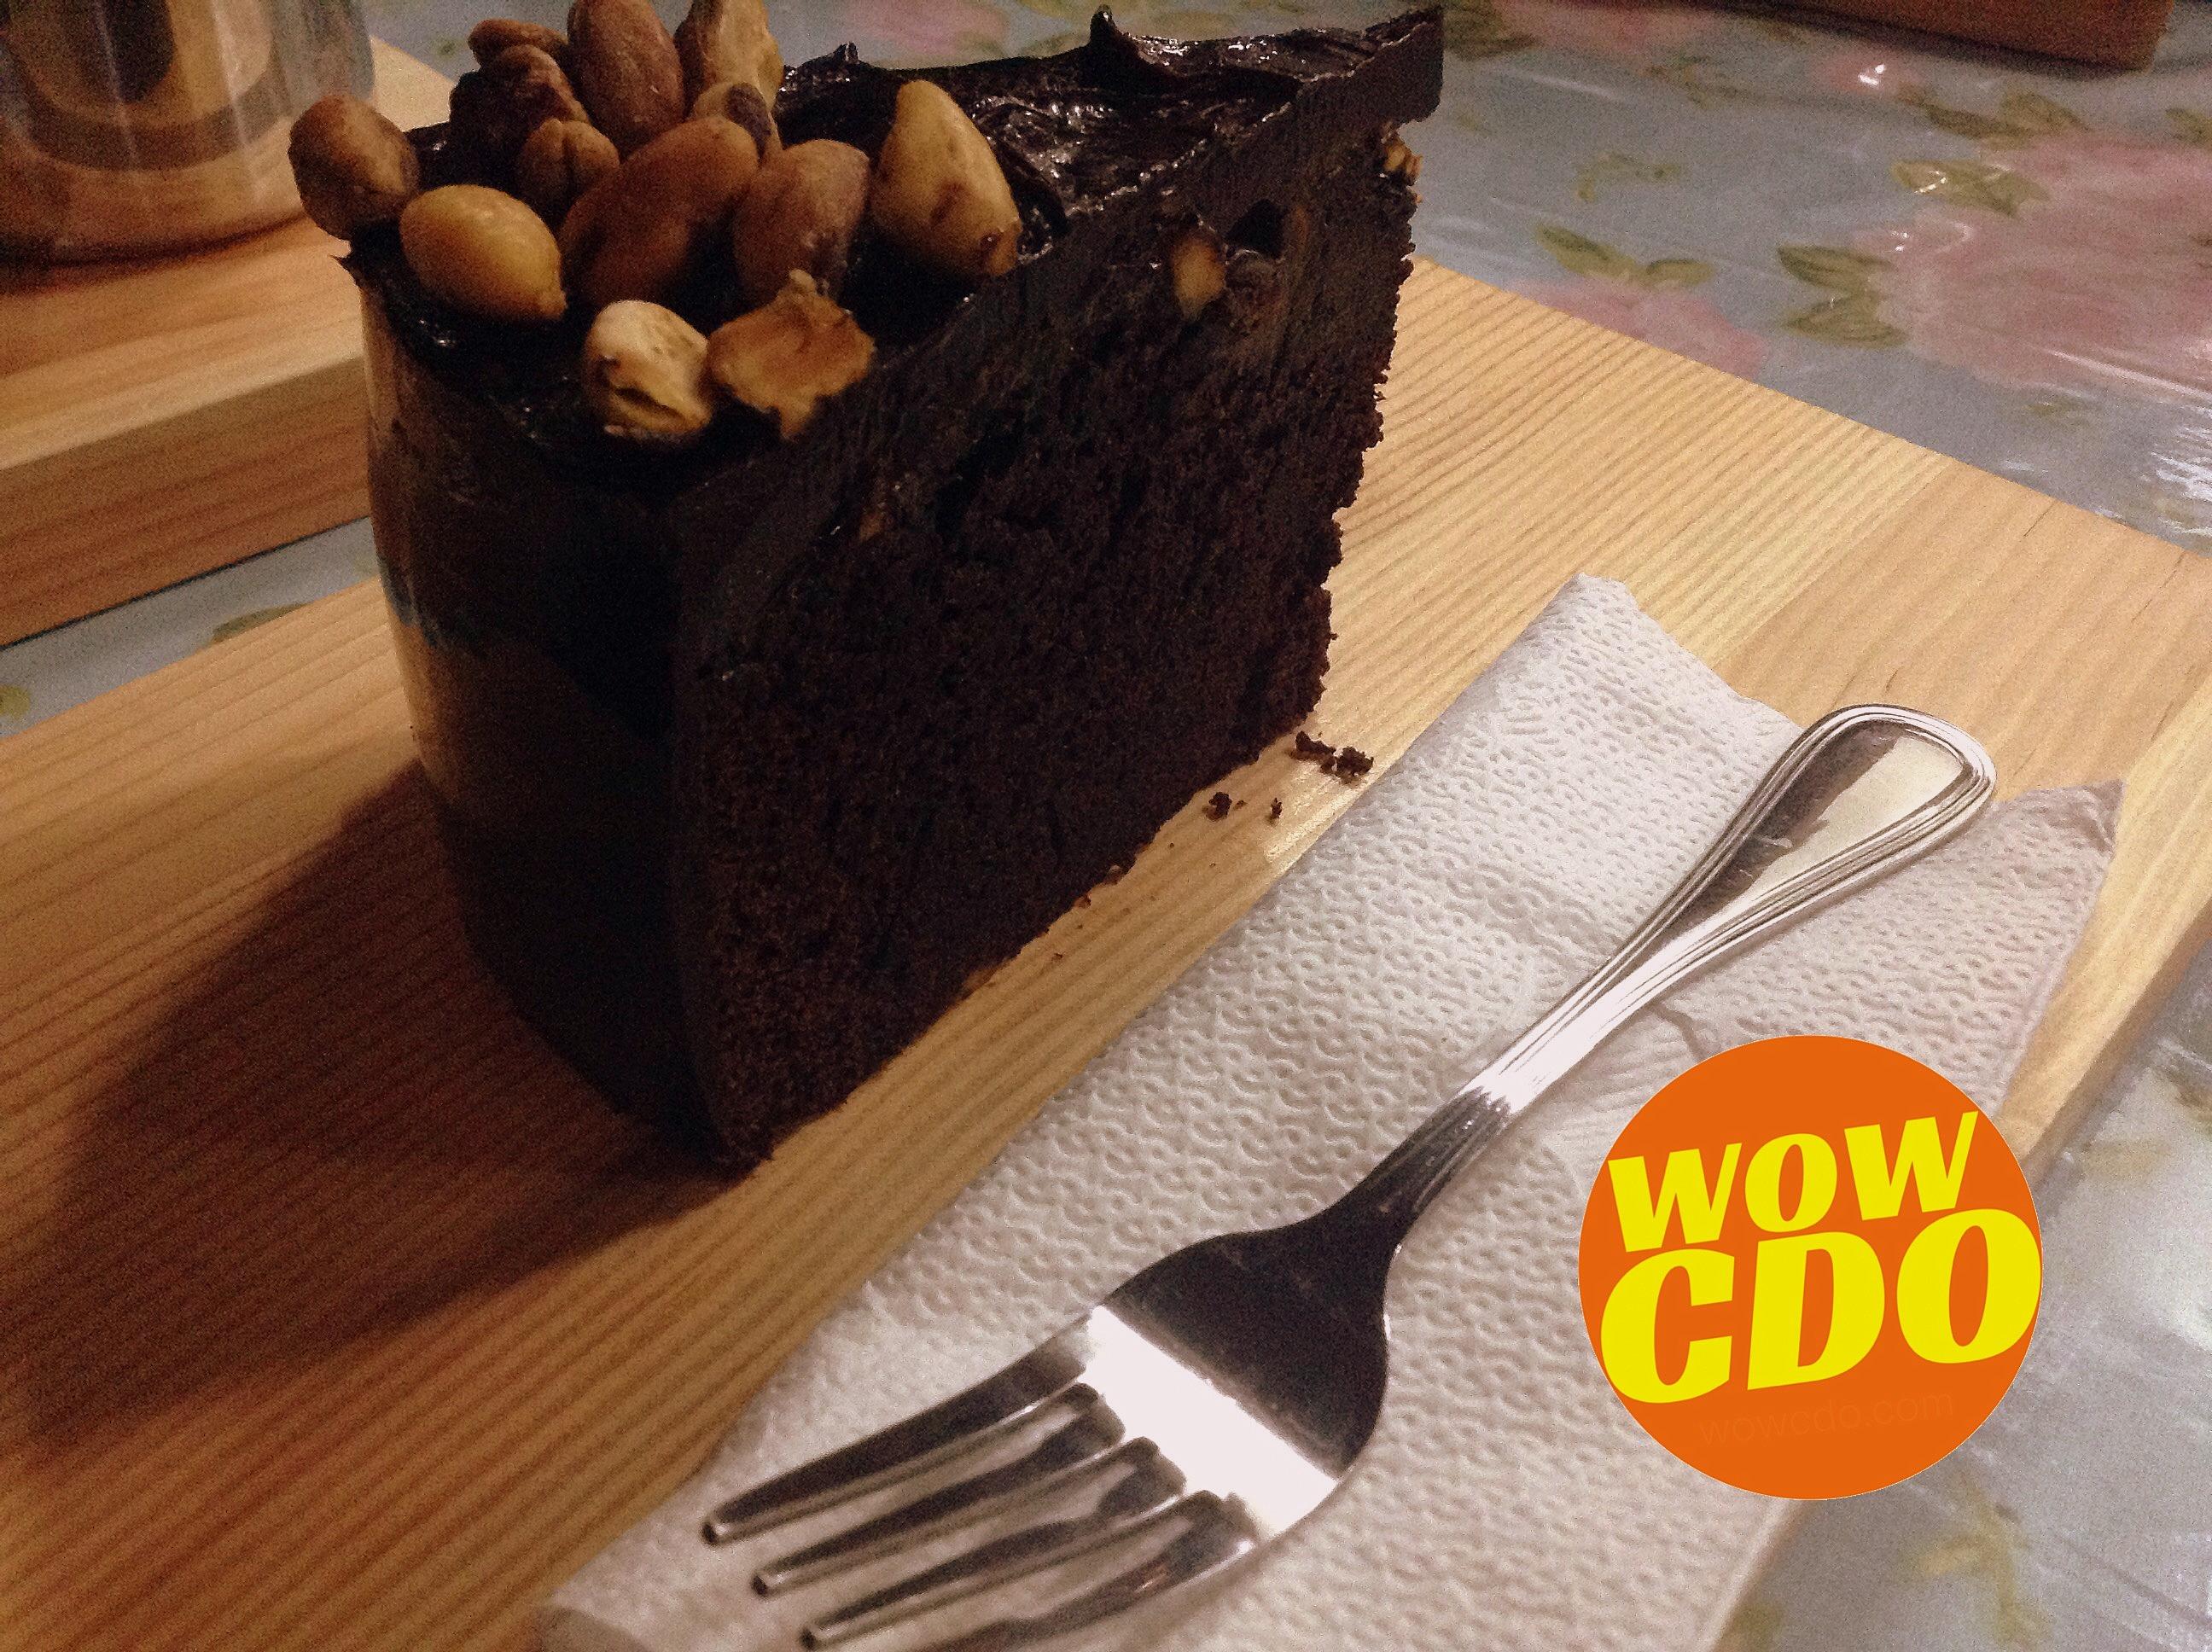 pane-e-dolci-lantaw-pistachio-chocolate-cake